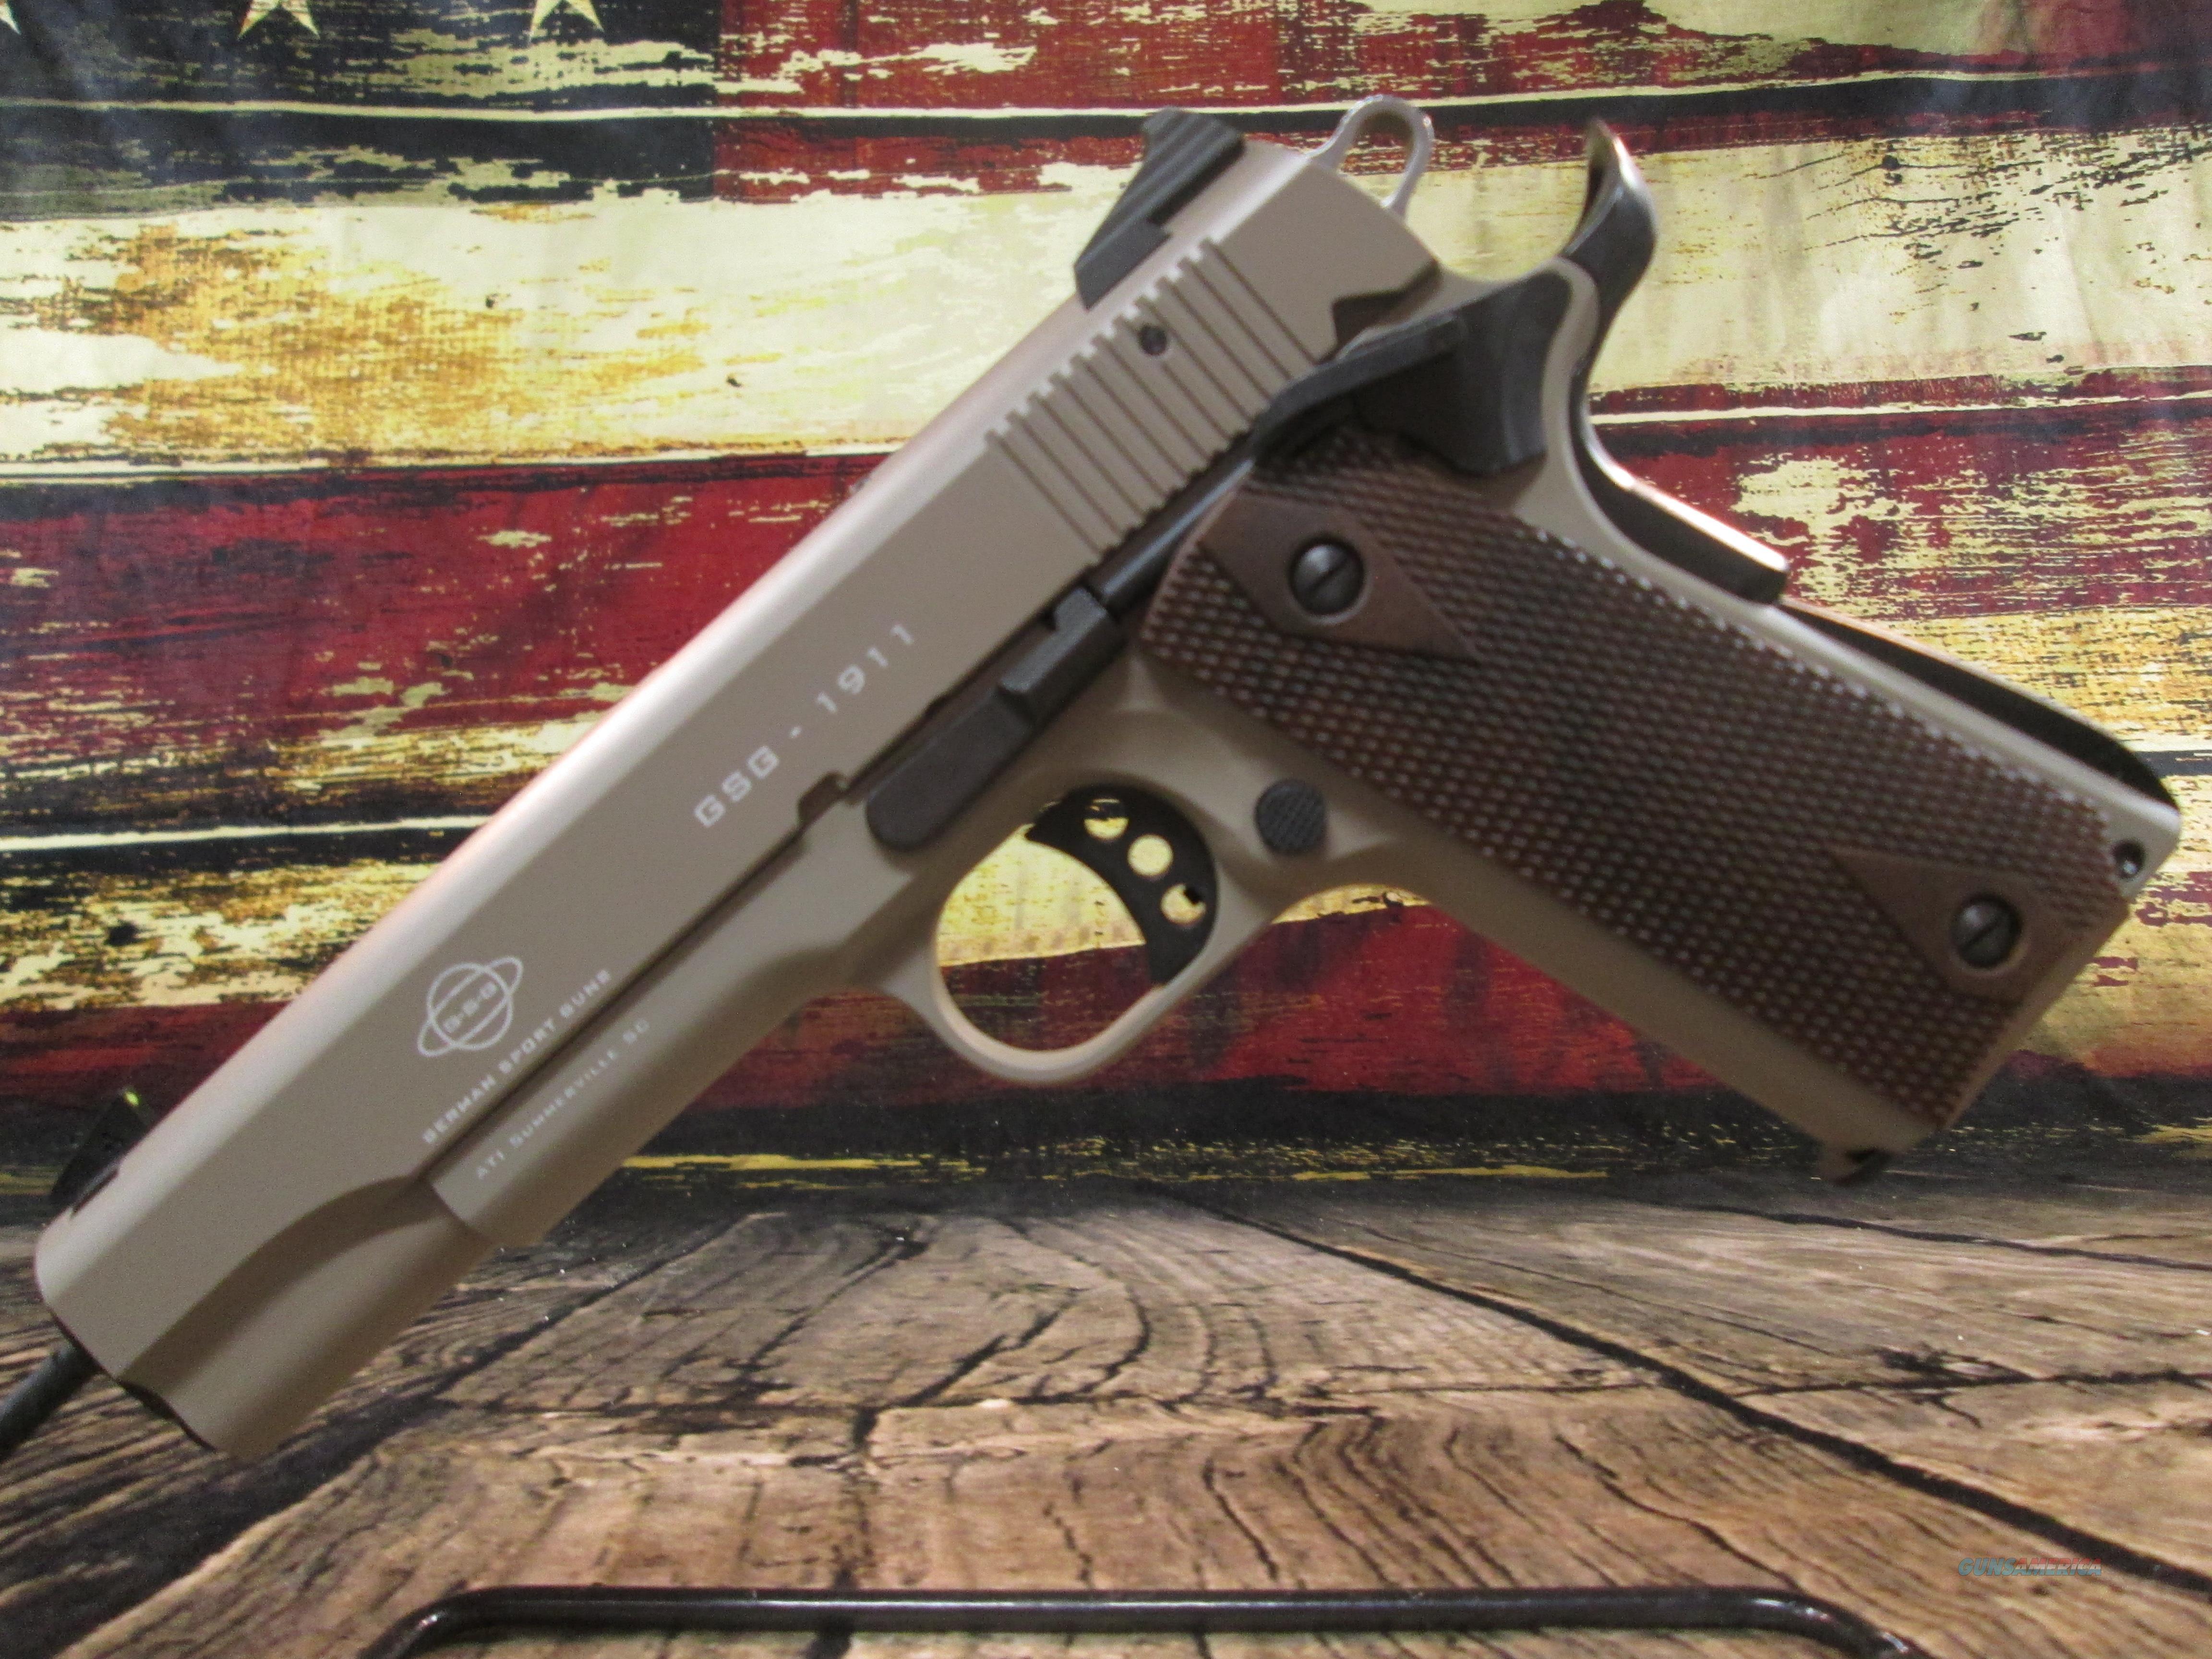 GSG 1911-22 Tan 22lr NEW (2210M1911T)  Guns > Pistols > 1911 Pistol Copies (non-Colt)